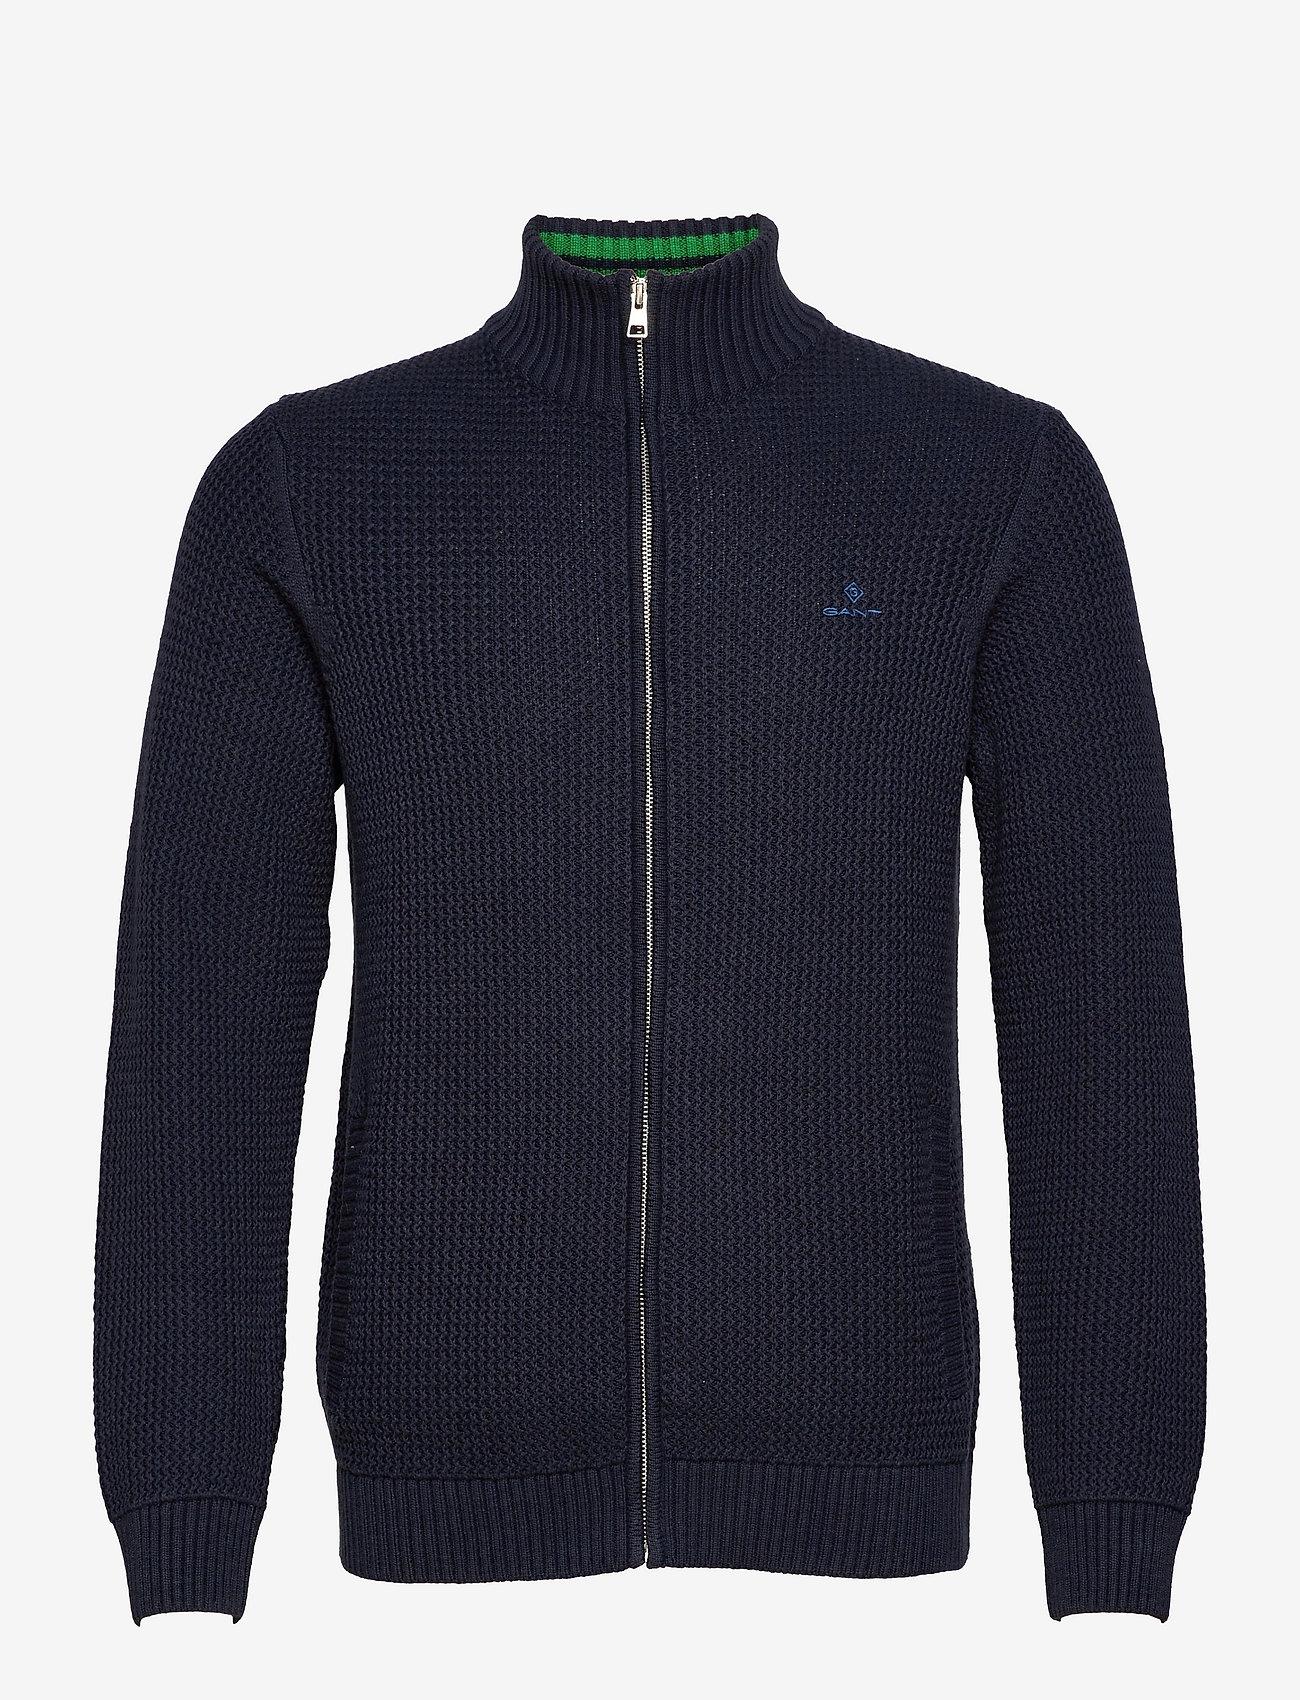 GANT - D2. COTTON STRUCTURE FULL ZIP - basic knitwear - evening blue - 0